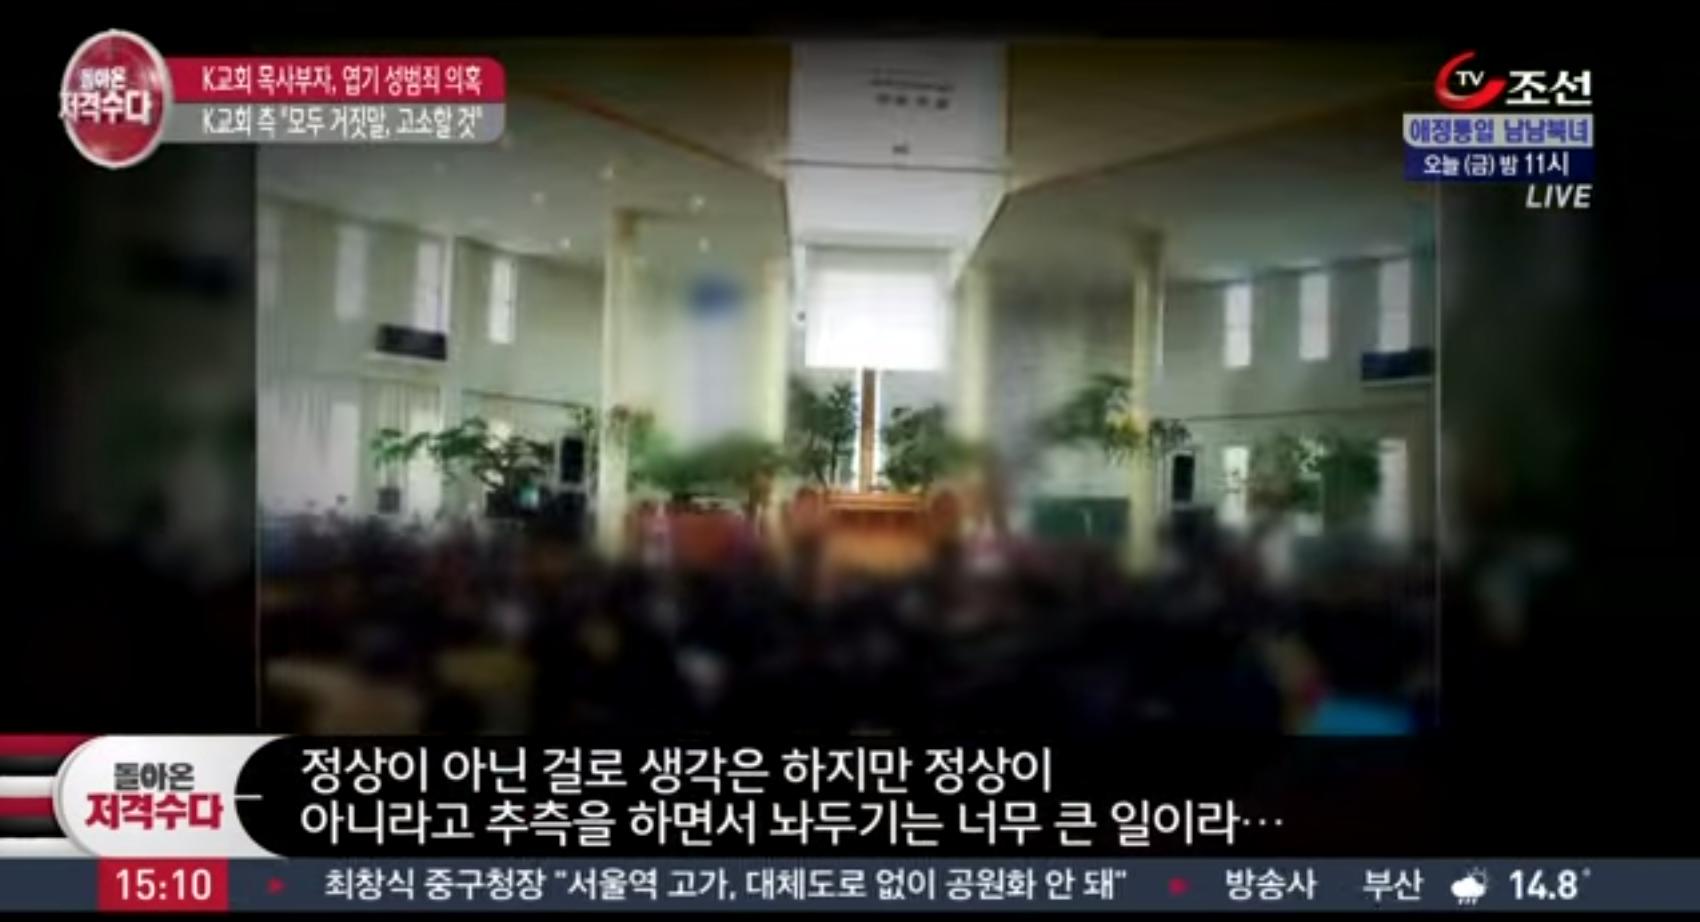 lee jung hee korean woman pastor sexual abuse slavery 1